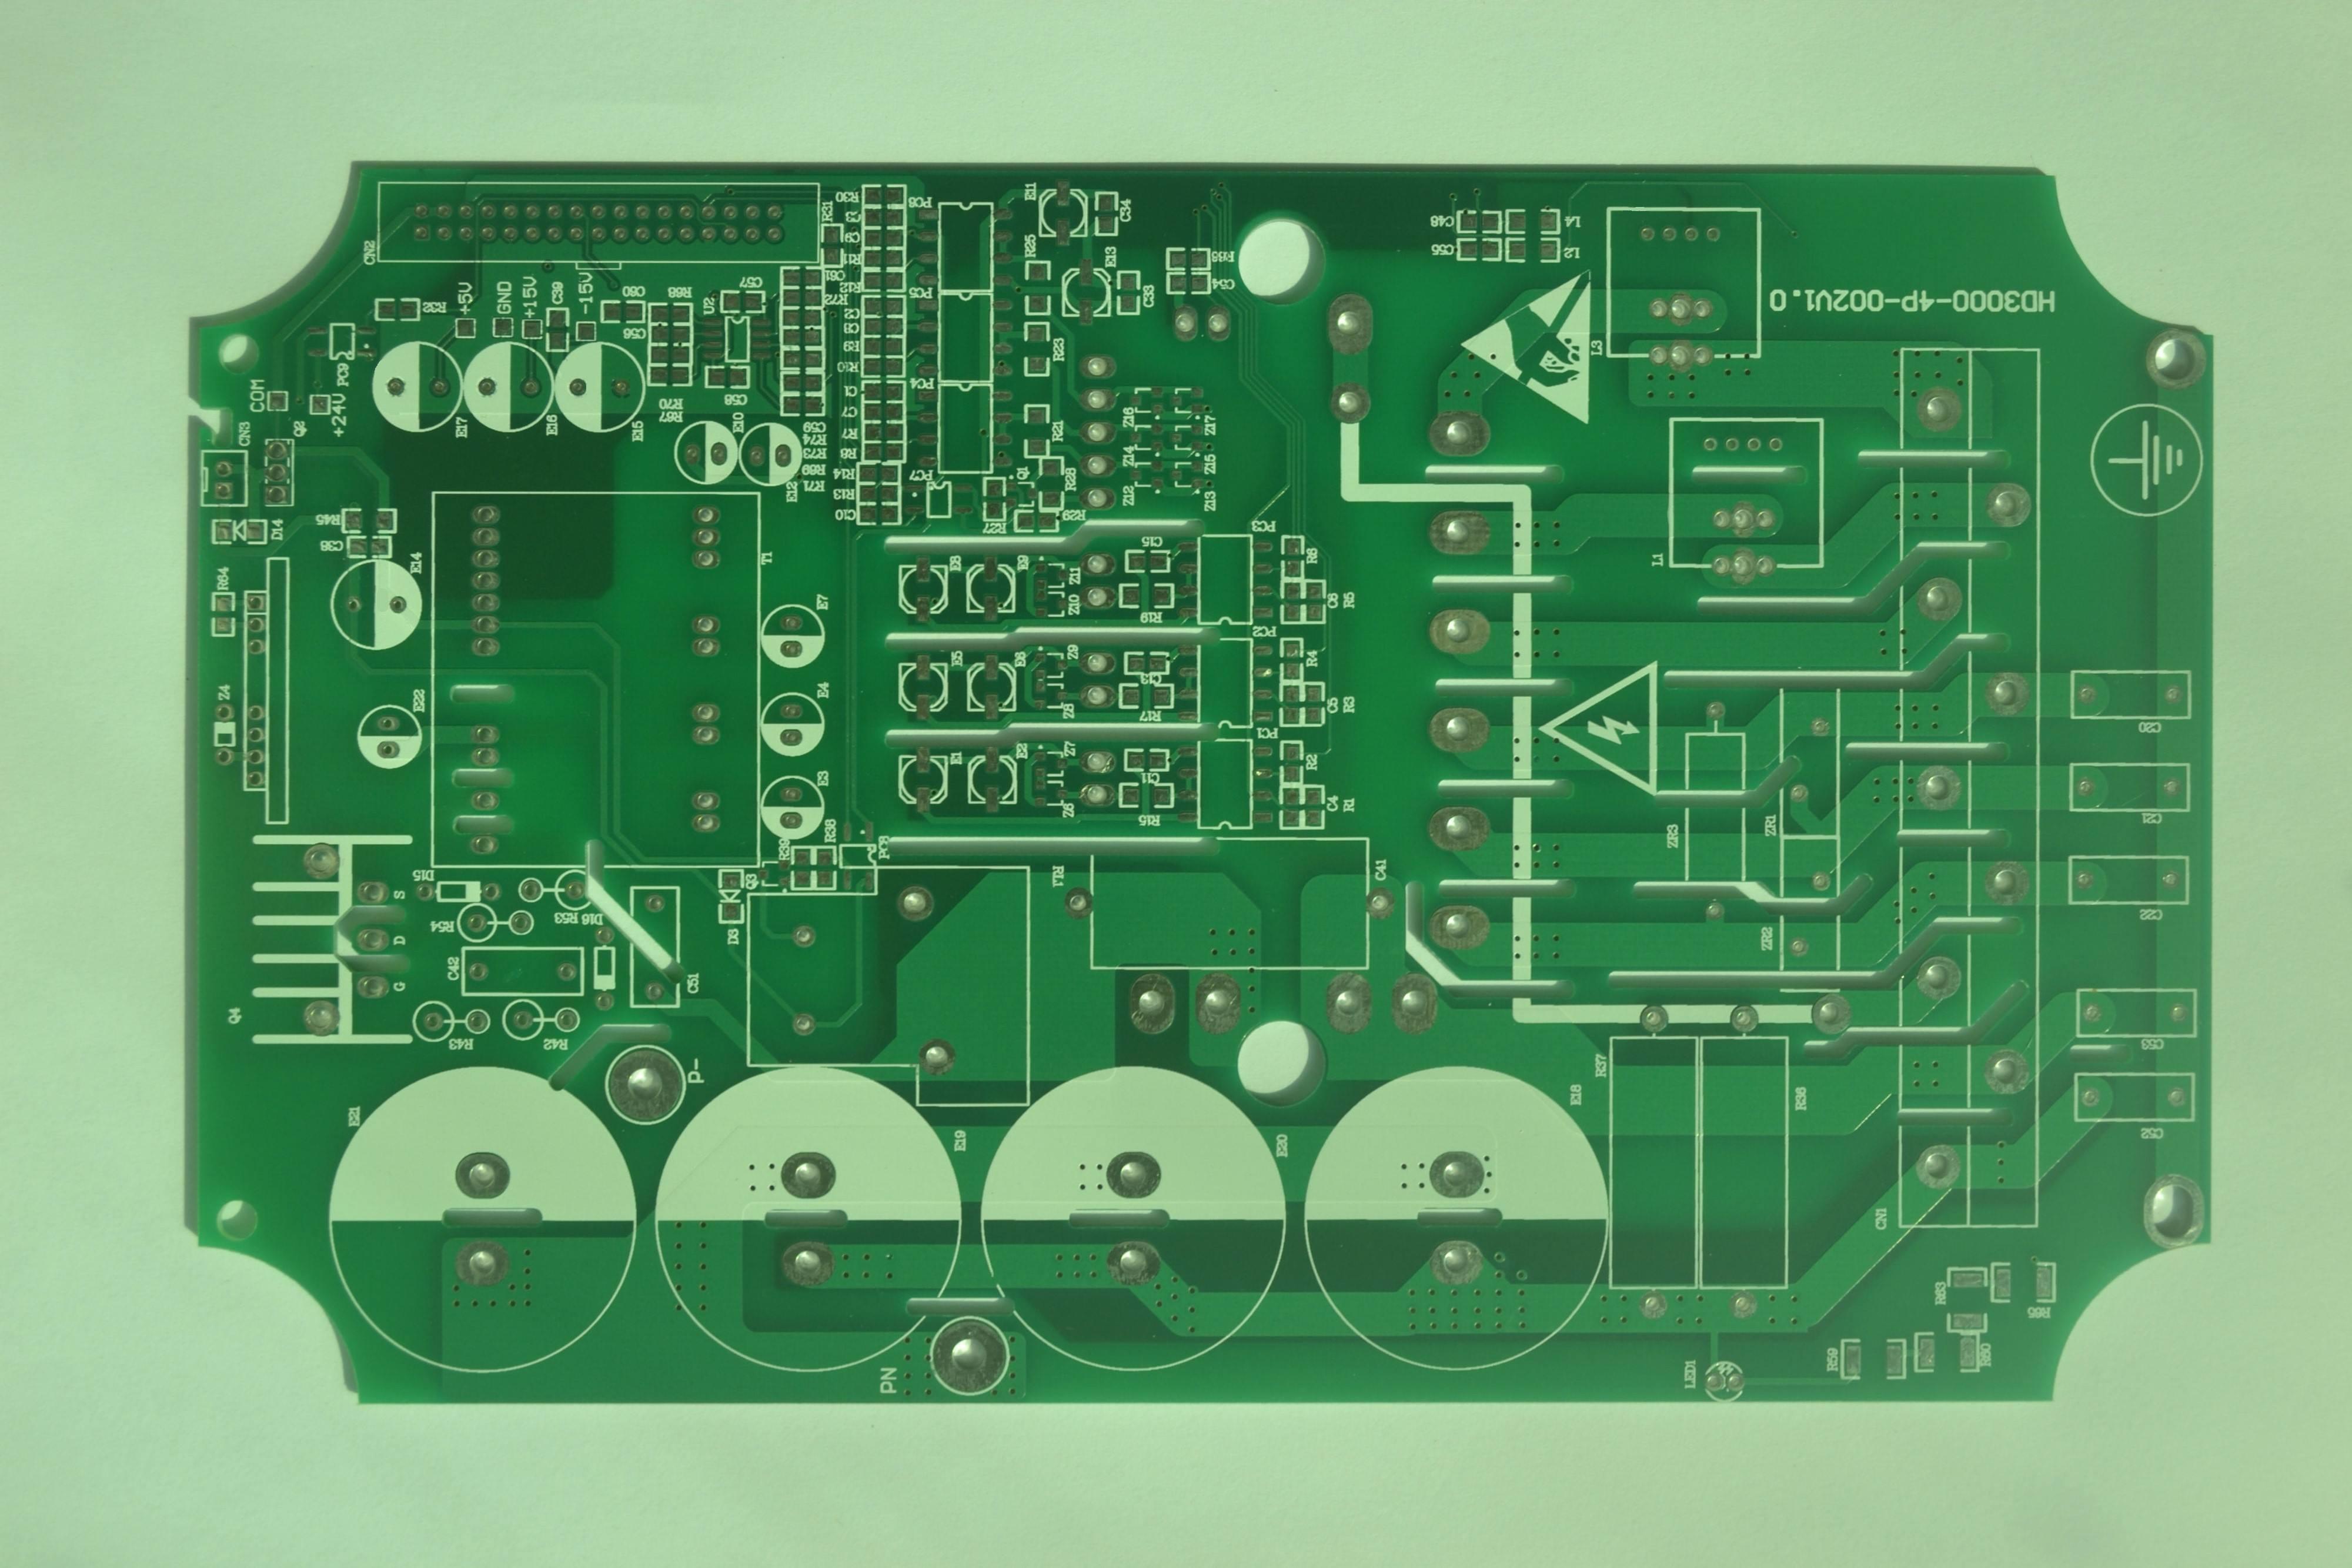 XDTPCB PCB 프로토 타입 2 레이어 PCB 보드 공급 업체 샘플 생산, 작은 수량 빠른 실행 서비스 PCB 보드